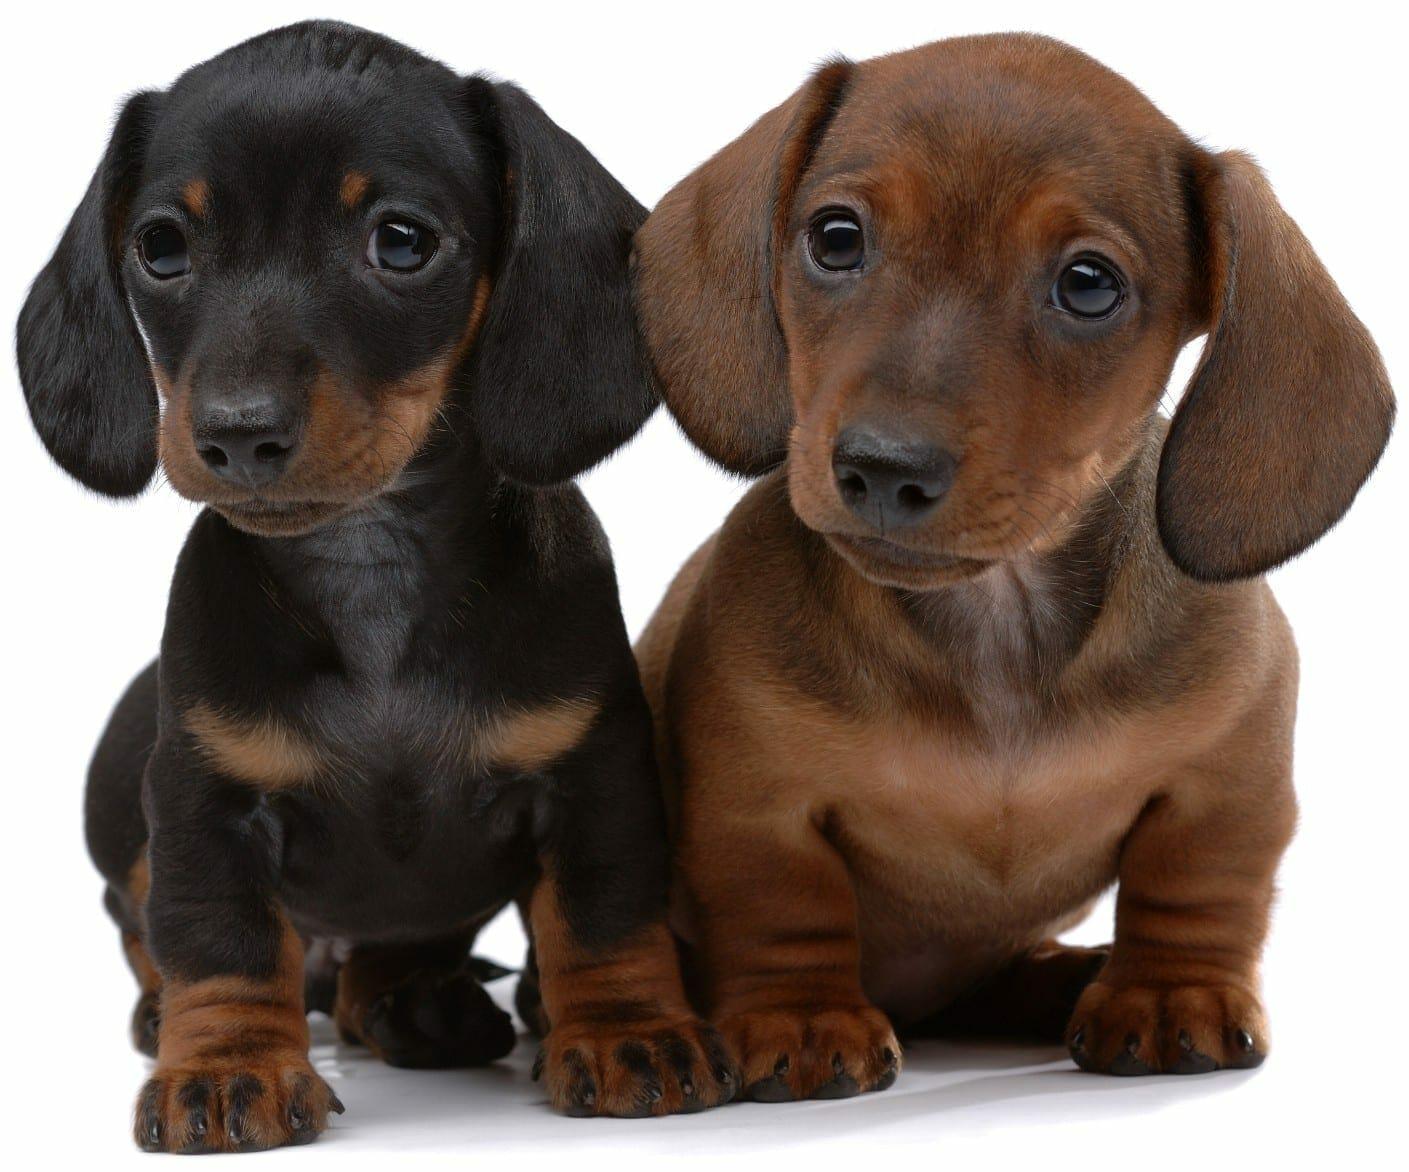 dachshund puppies - dachshund puppy